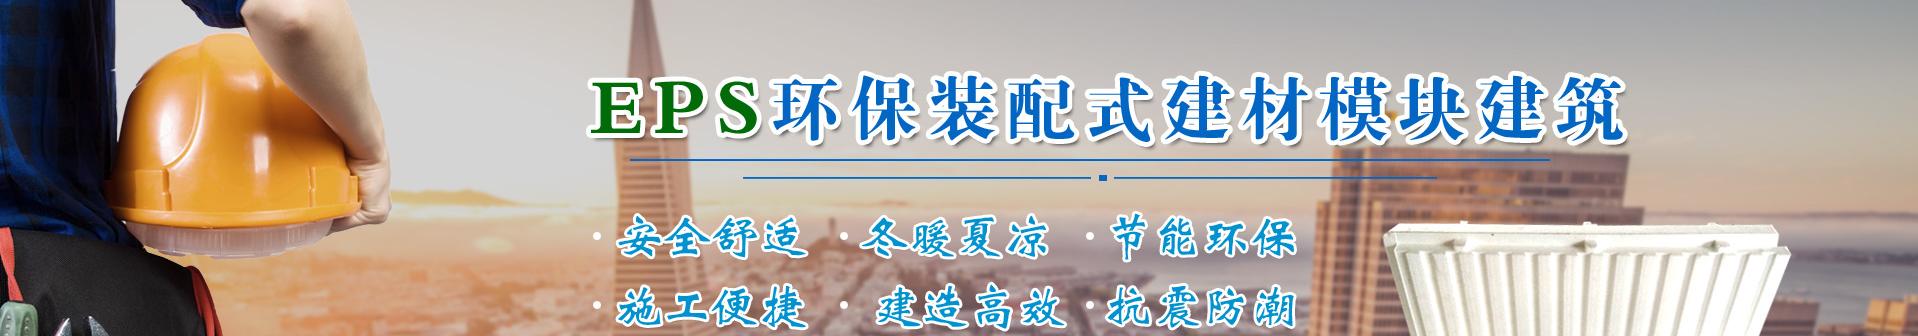 EPS建材模块_河南成鼎